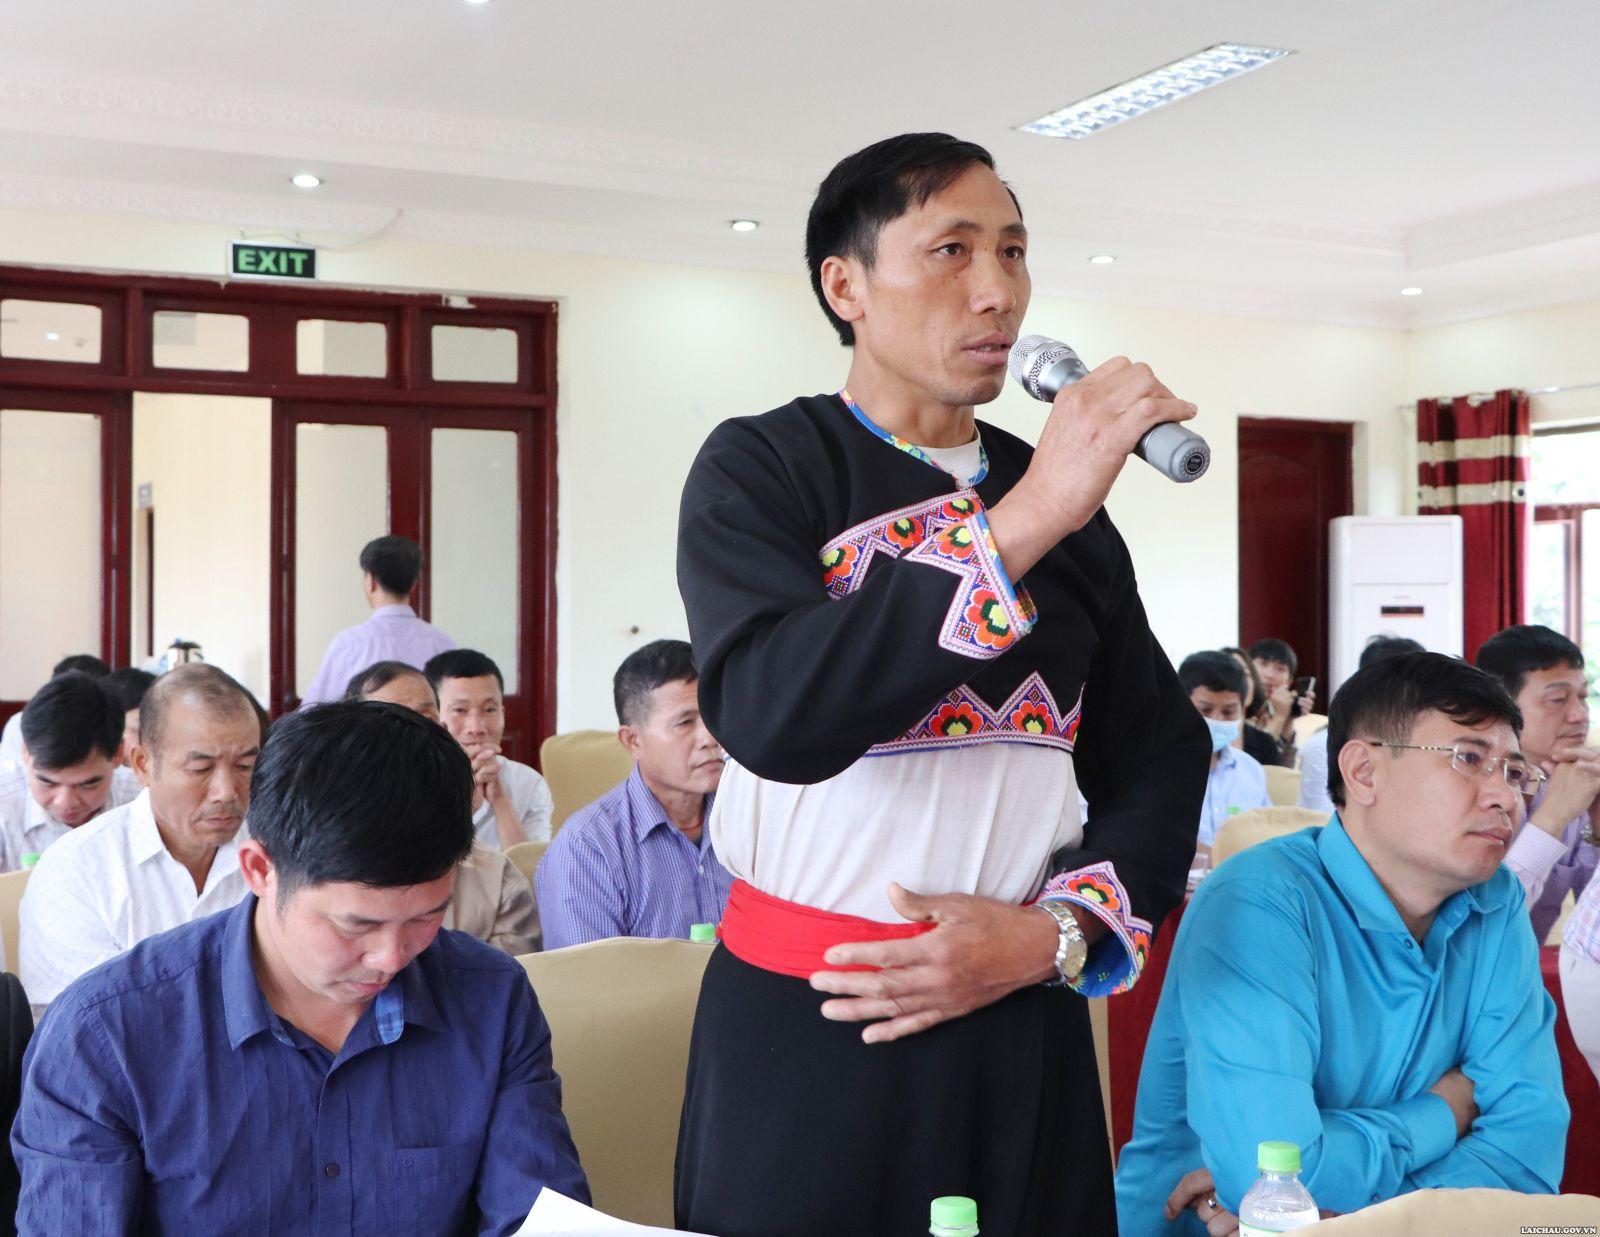 Tọa đàm về một số chính sách hỗ trợ bảo tồn, phát huy bản sắc văn hóa truyền thống tốt đẹp của các dân tộc và khuyến khích phát triển du lịch trên địa bàn tỉnh Lai Châu - Ảnh 3.